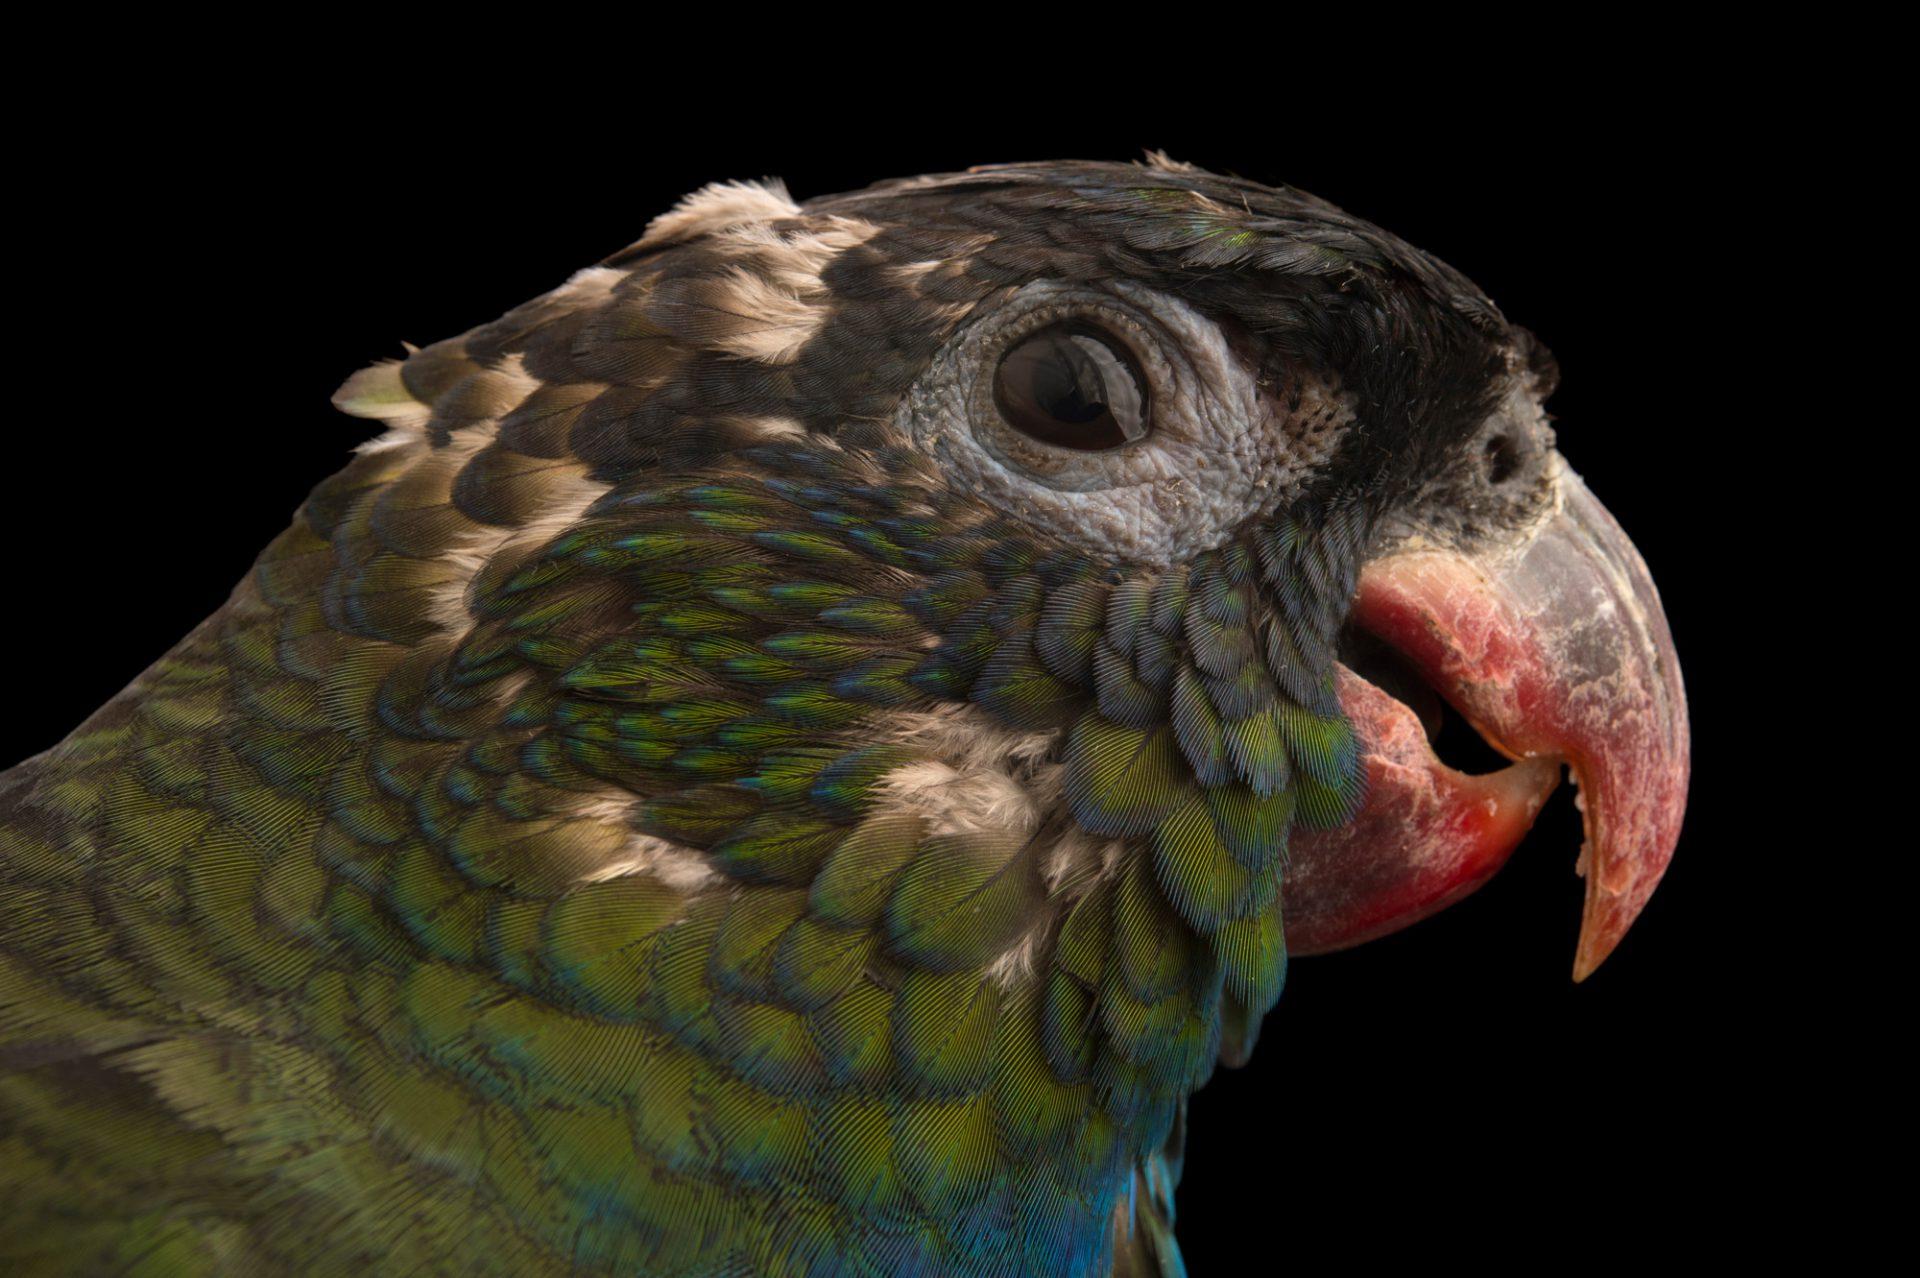 Photo: Red-billed parrot (Pionus sordidus) at Piscilago Zoo in Bogota, Colombia.